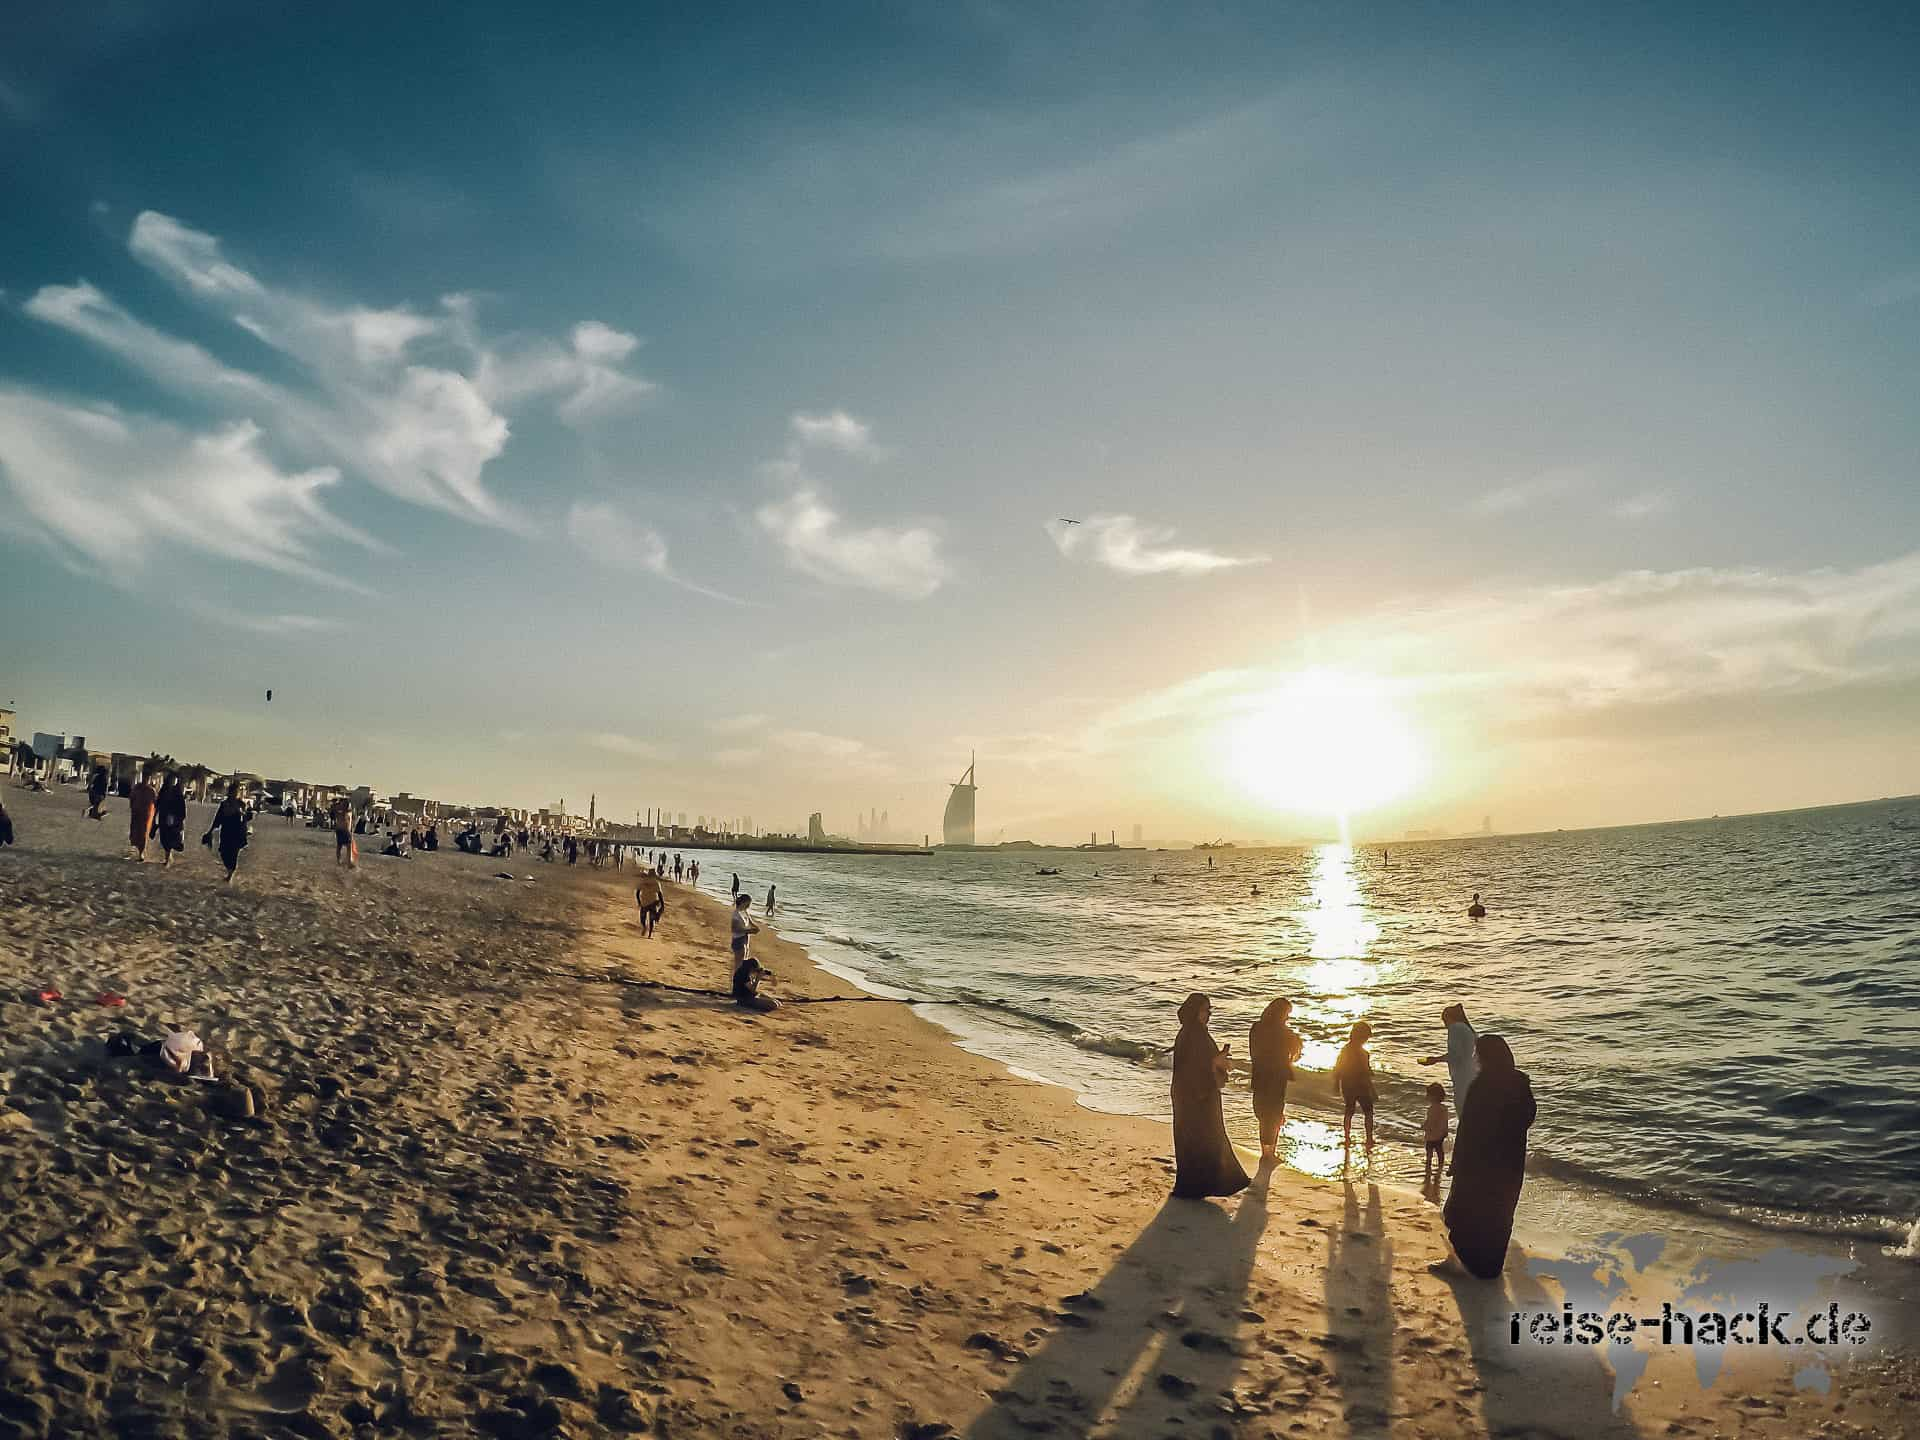 kite beach 3 dubai